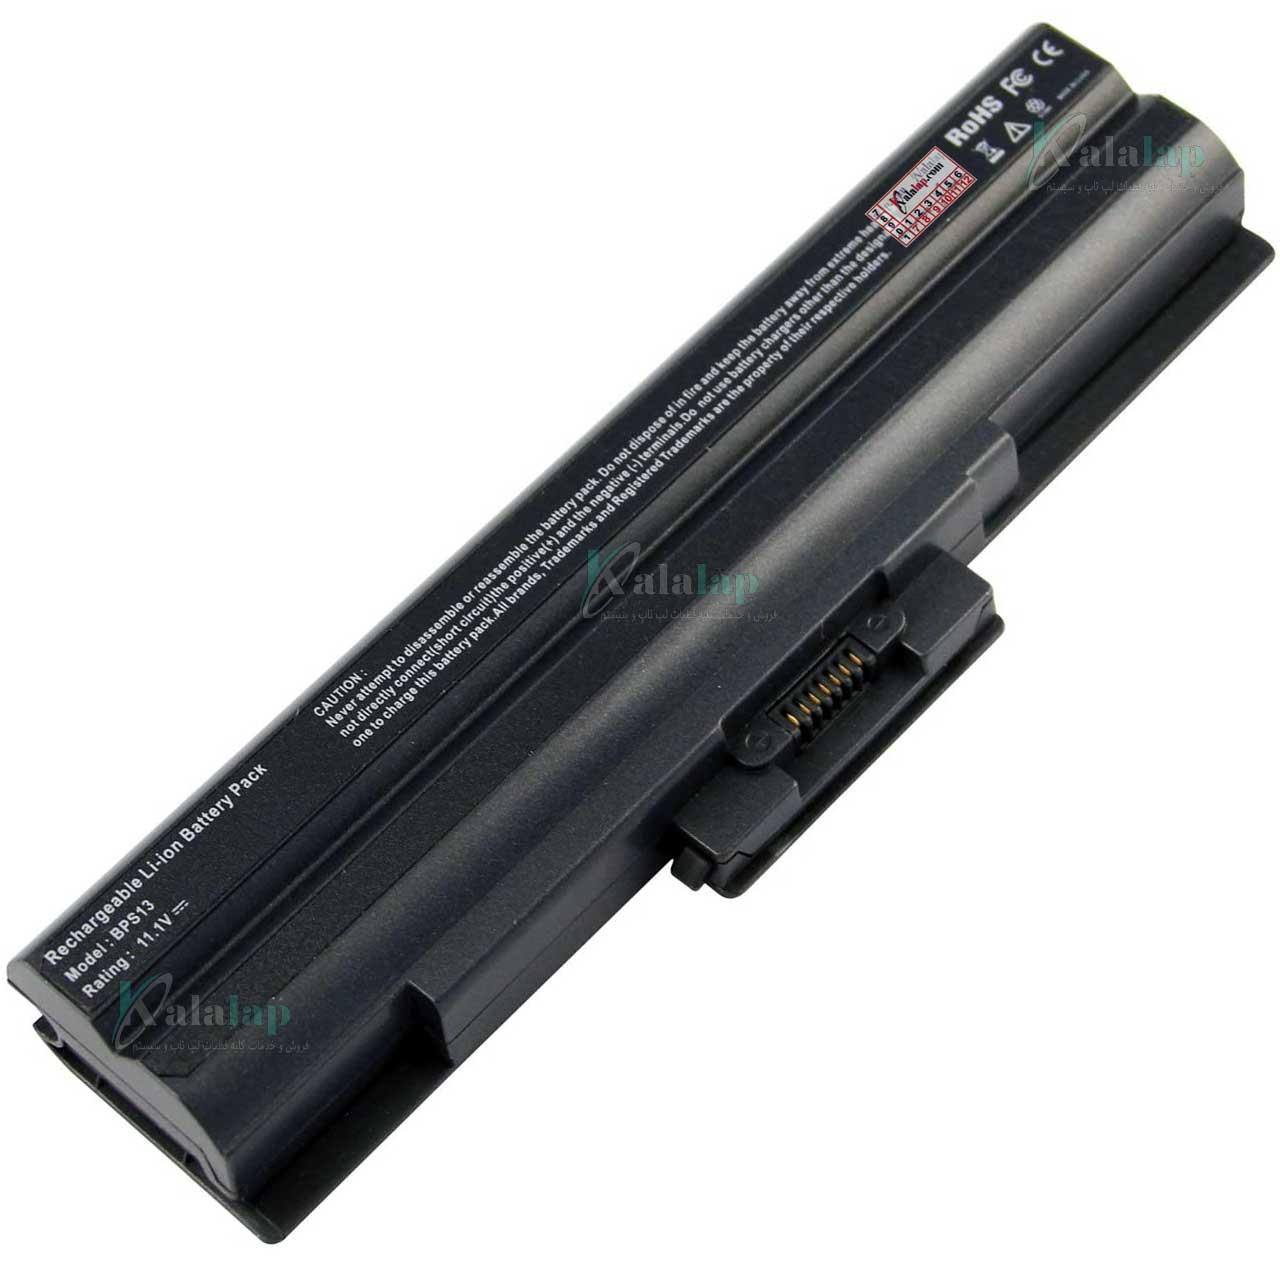 باتری لپ تاپ سونی Sony VGP-BPS21 VGP-BPS13